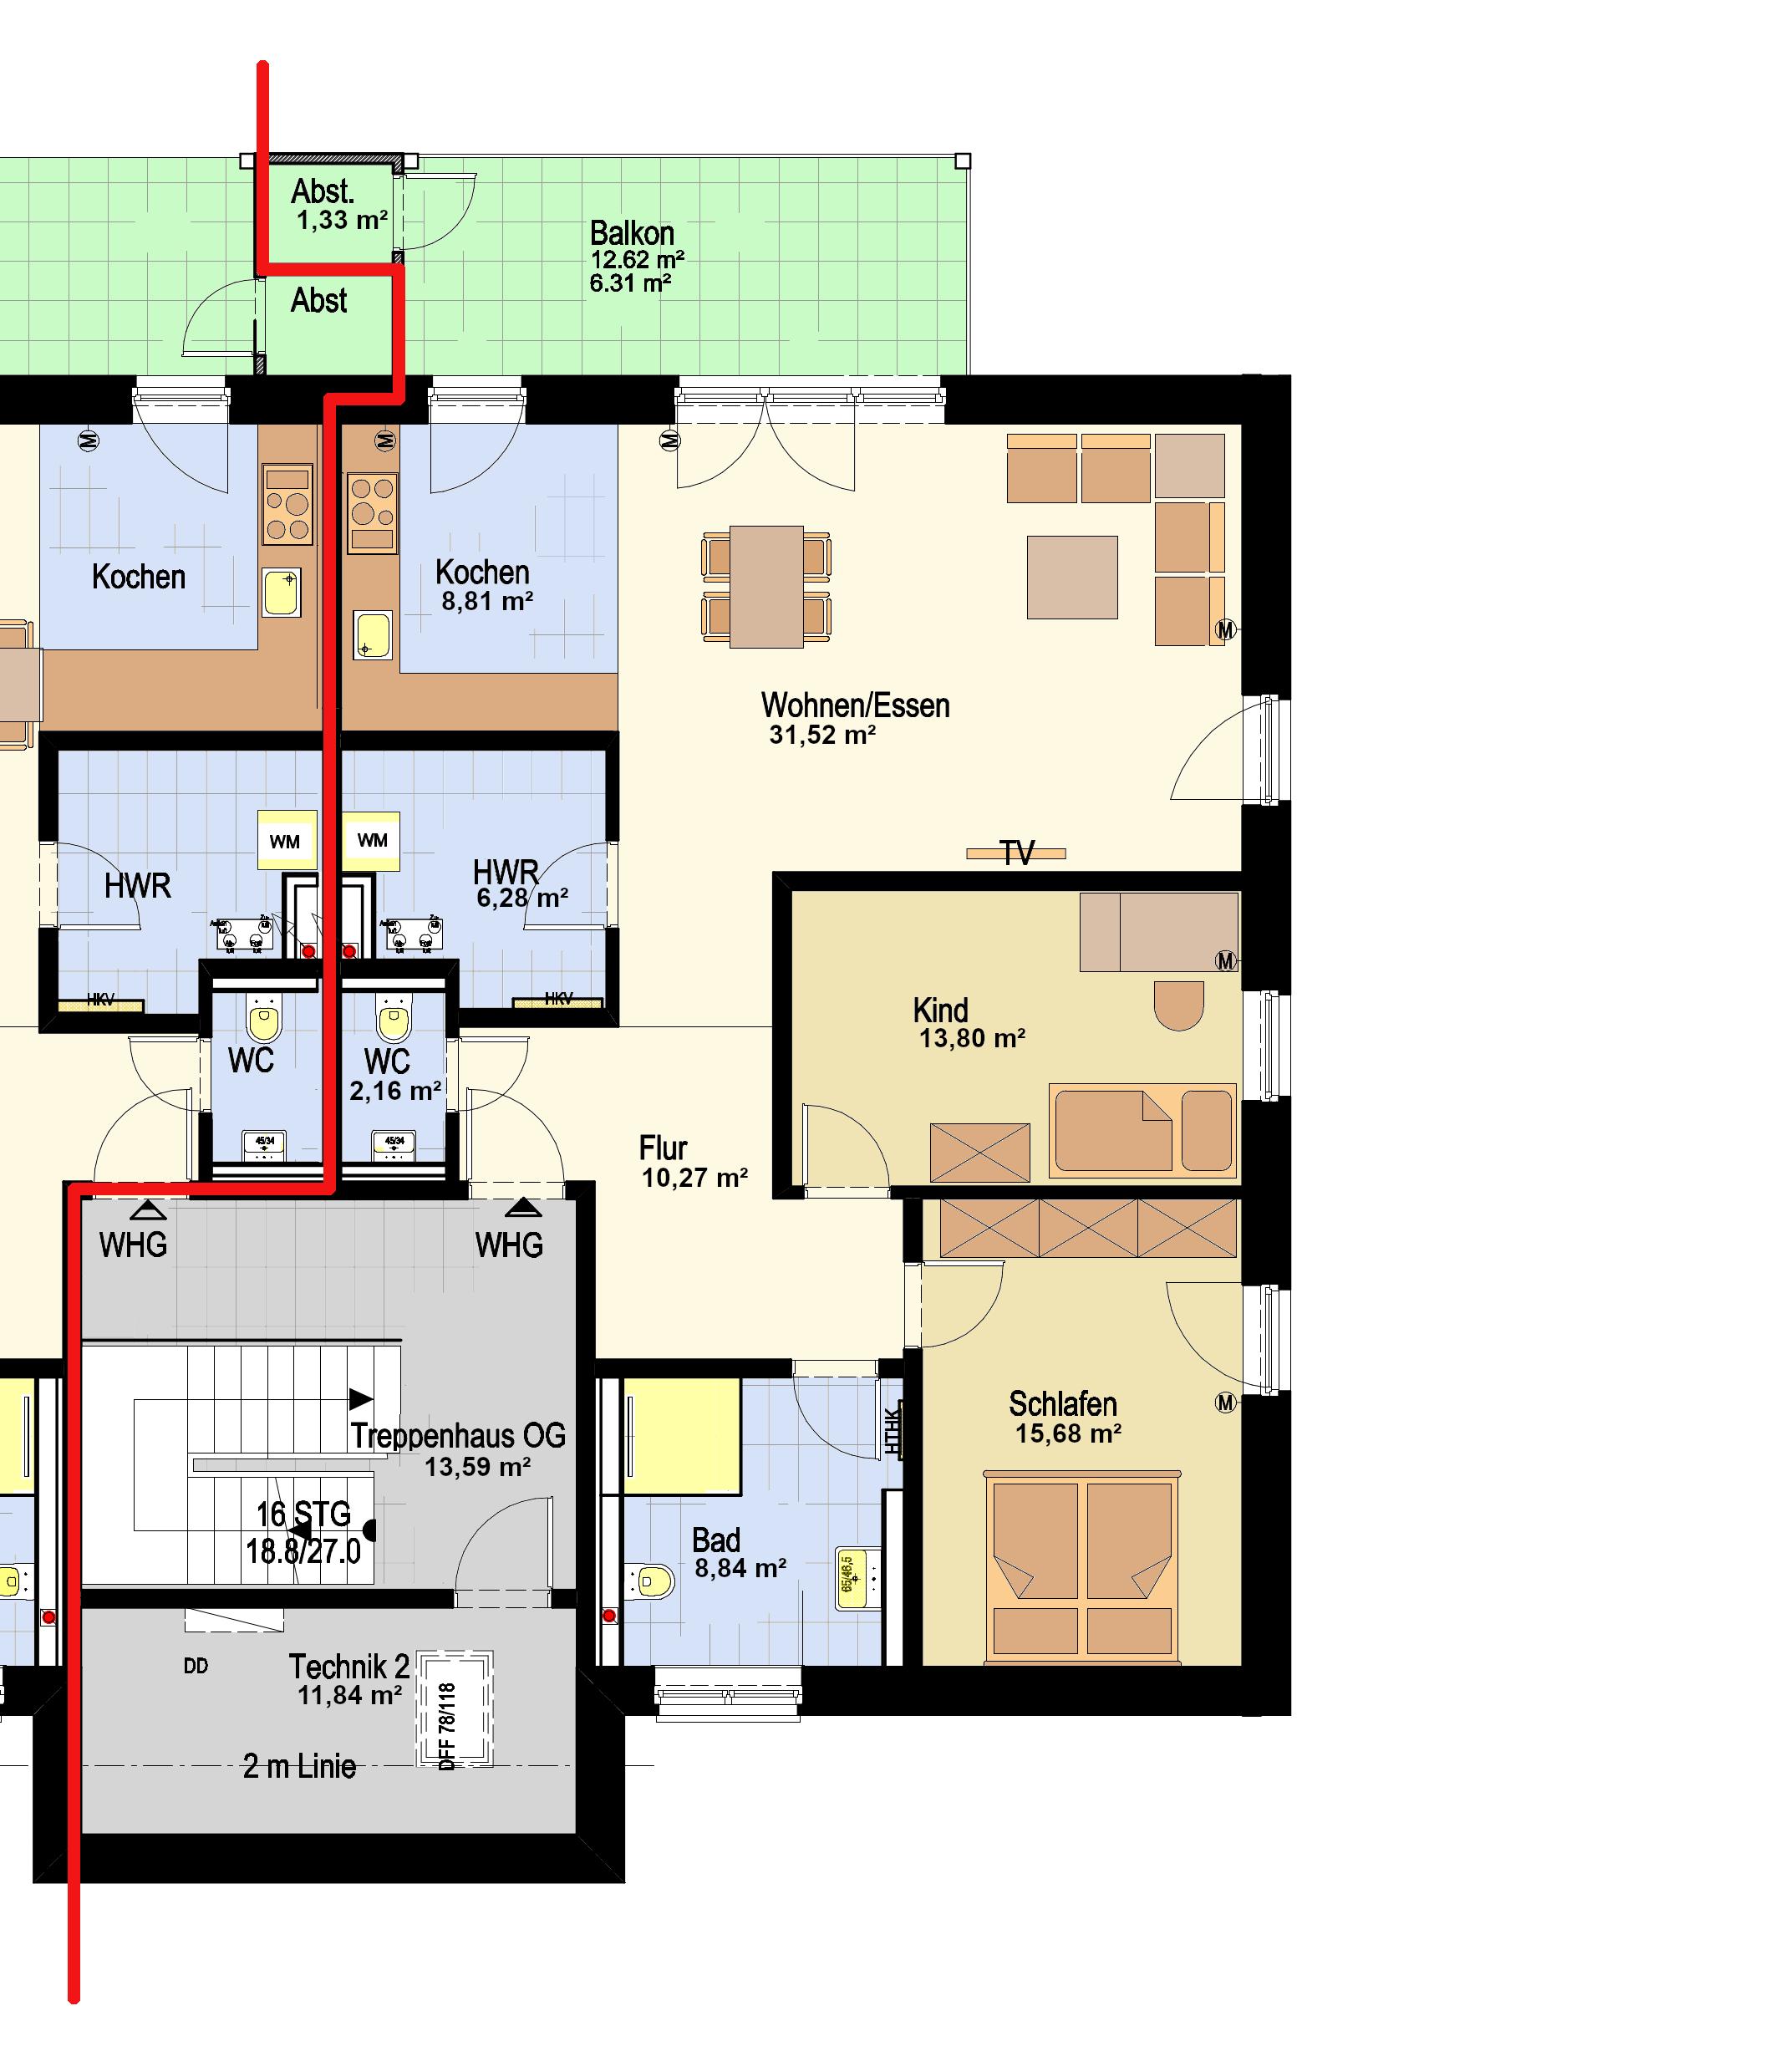 1.OG Haus 1 WGH 3_Haus 2 WHG 4